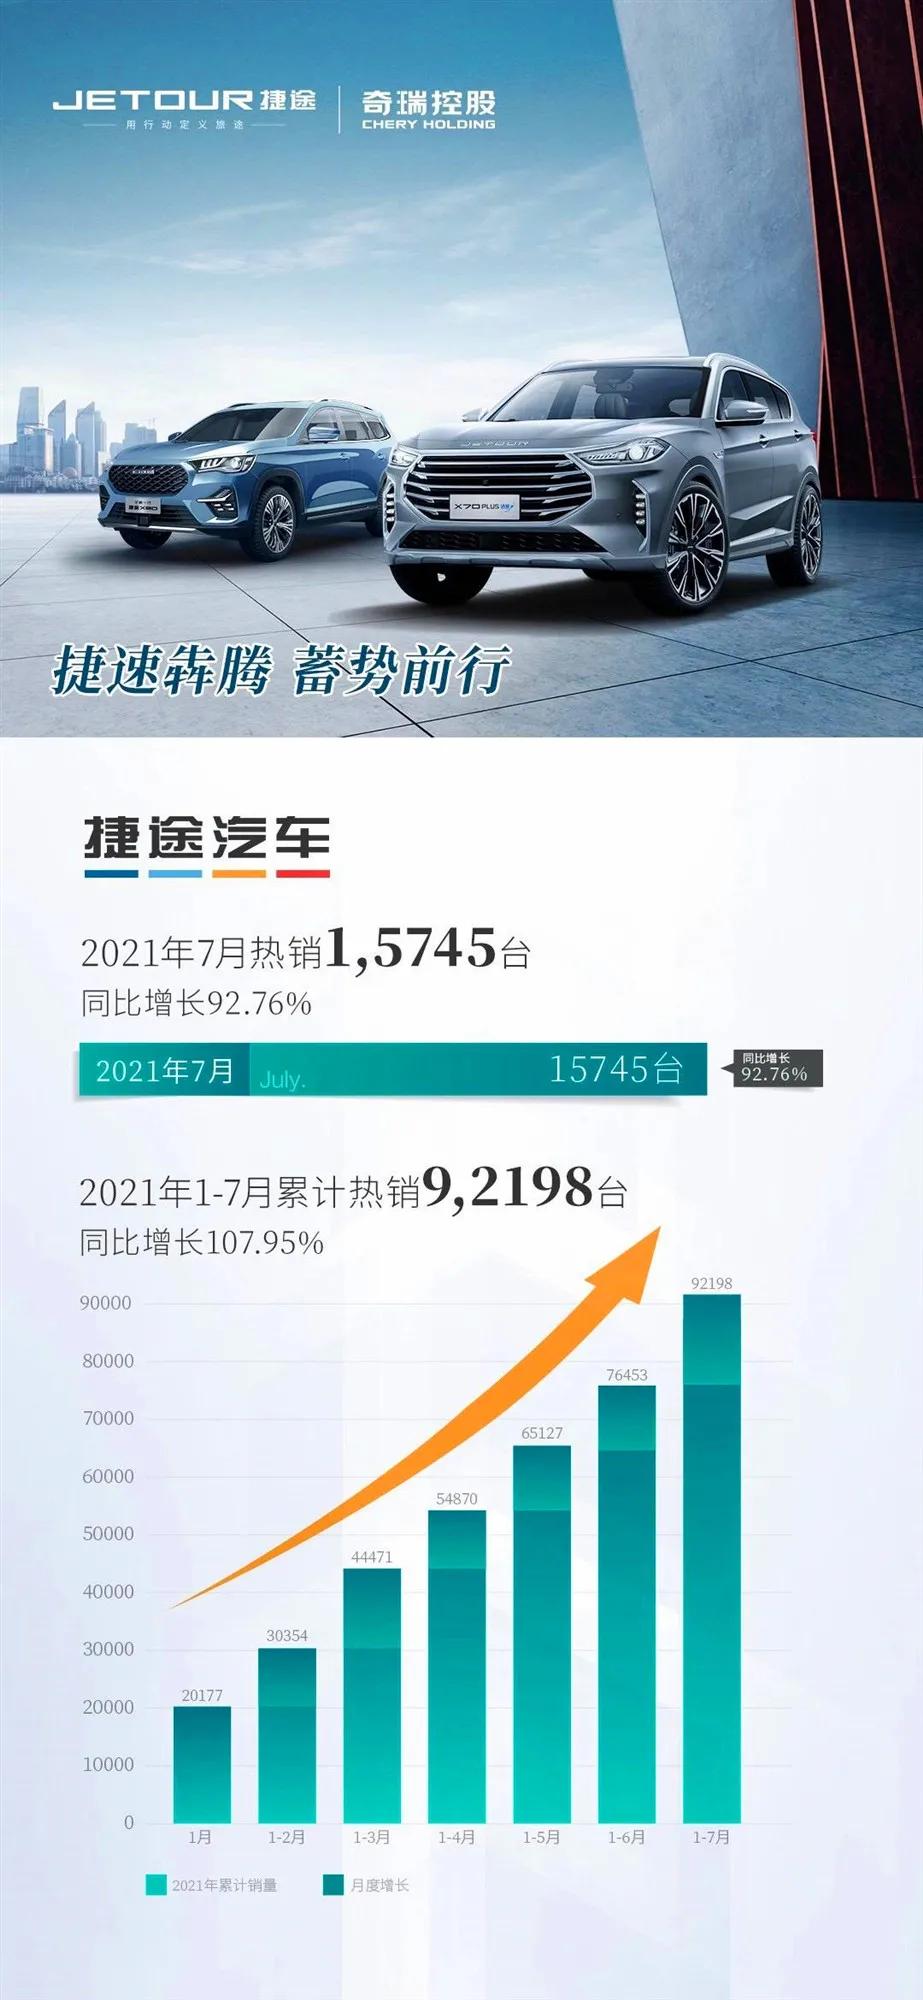 7月捷途汽车店端销量达15745台,环比增长39.02%,实现了连续7个月月销破万